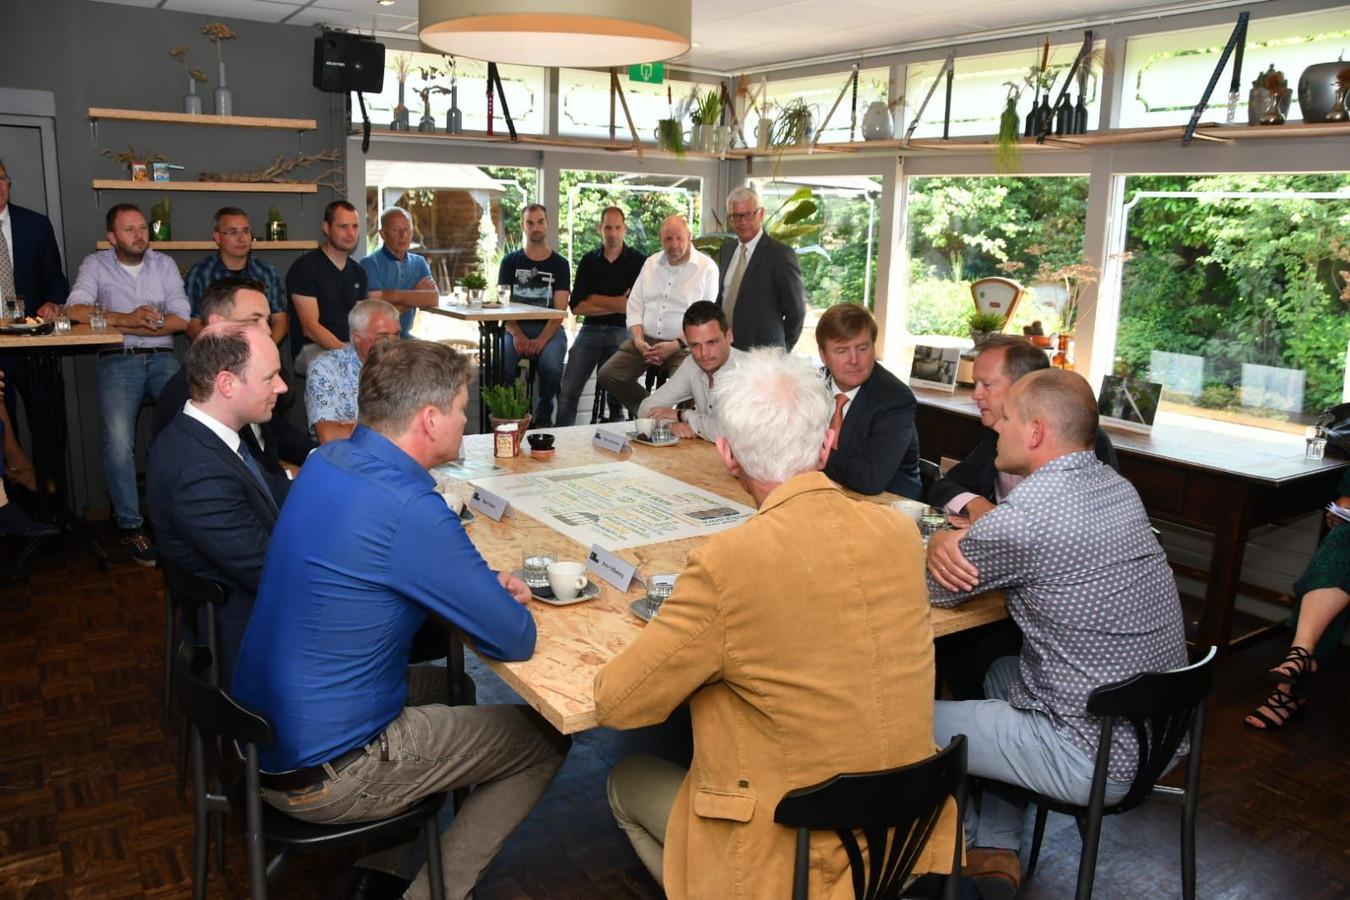 Koning Willem-Alexander met vrijwilligers van energiecoöperatie Hilverstroom.